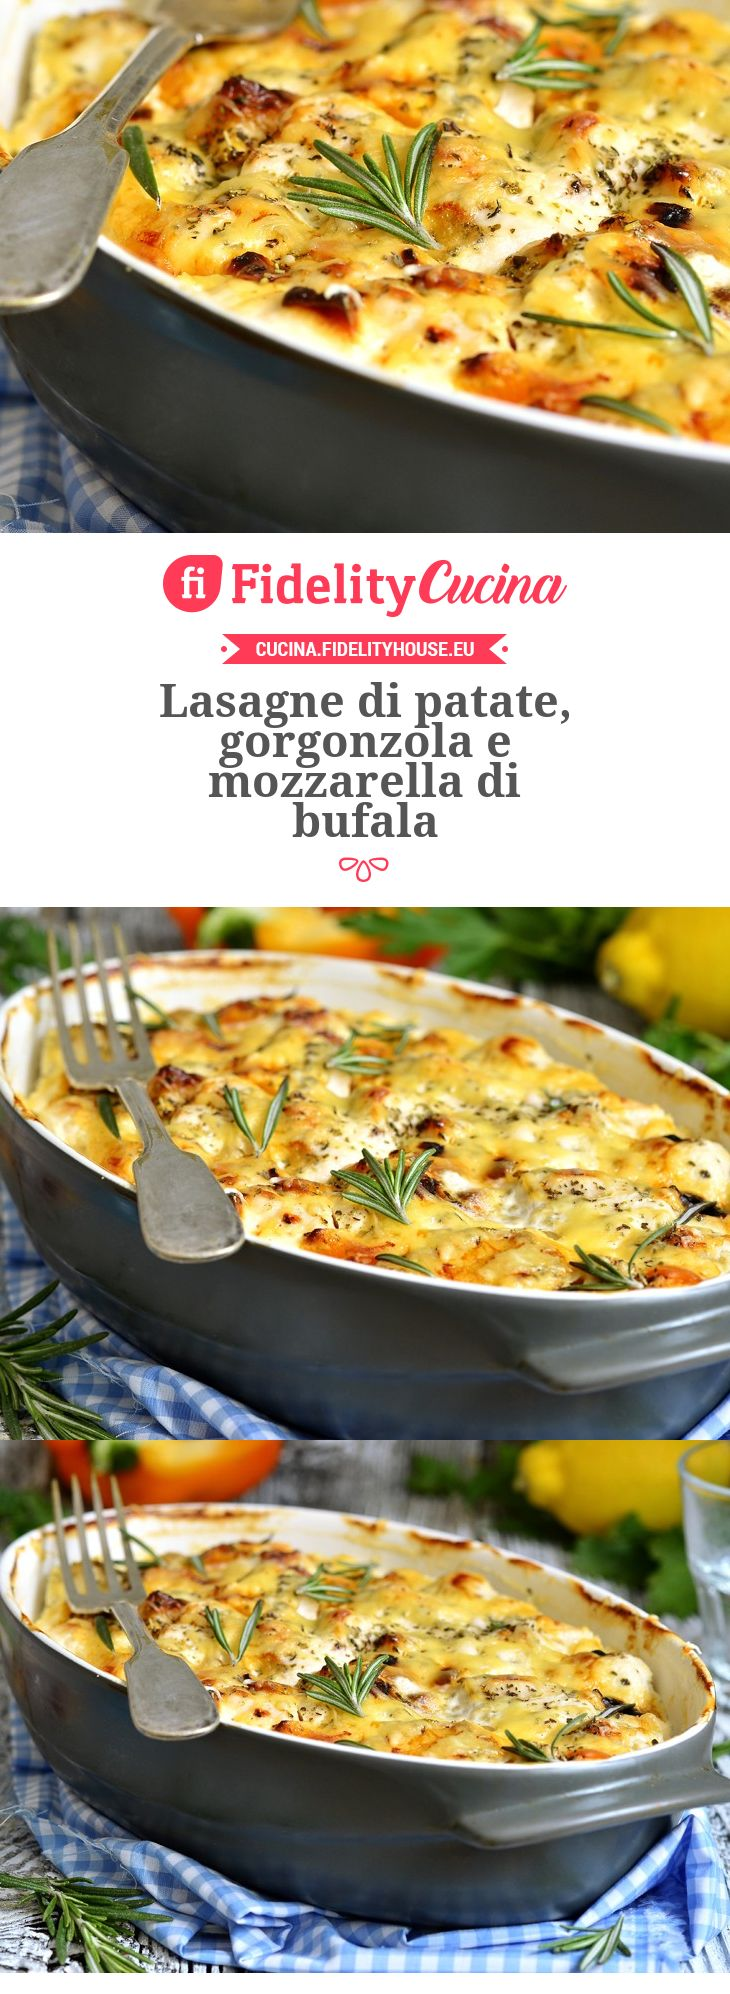 Lasagne di patate, gorgonzola e mozzarella di bufala